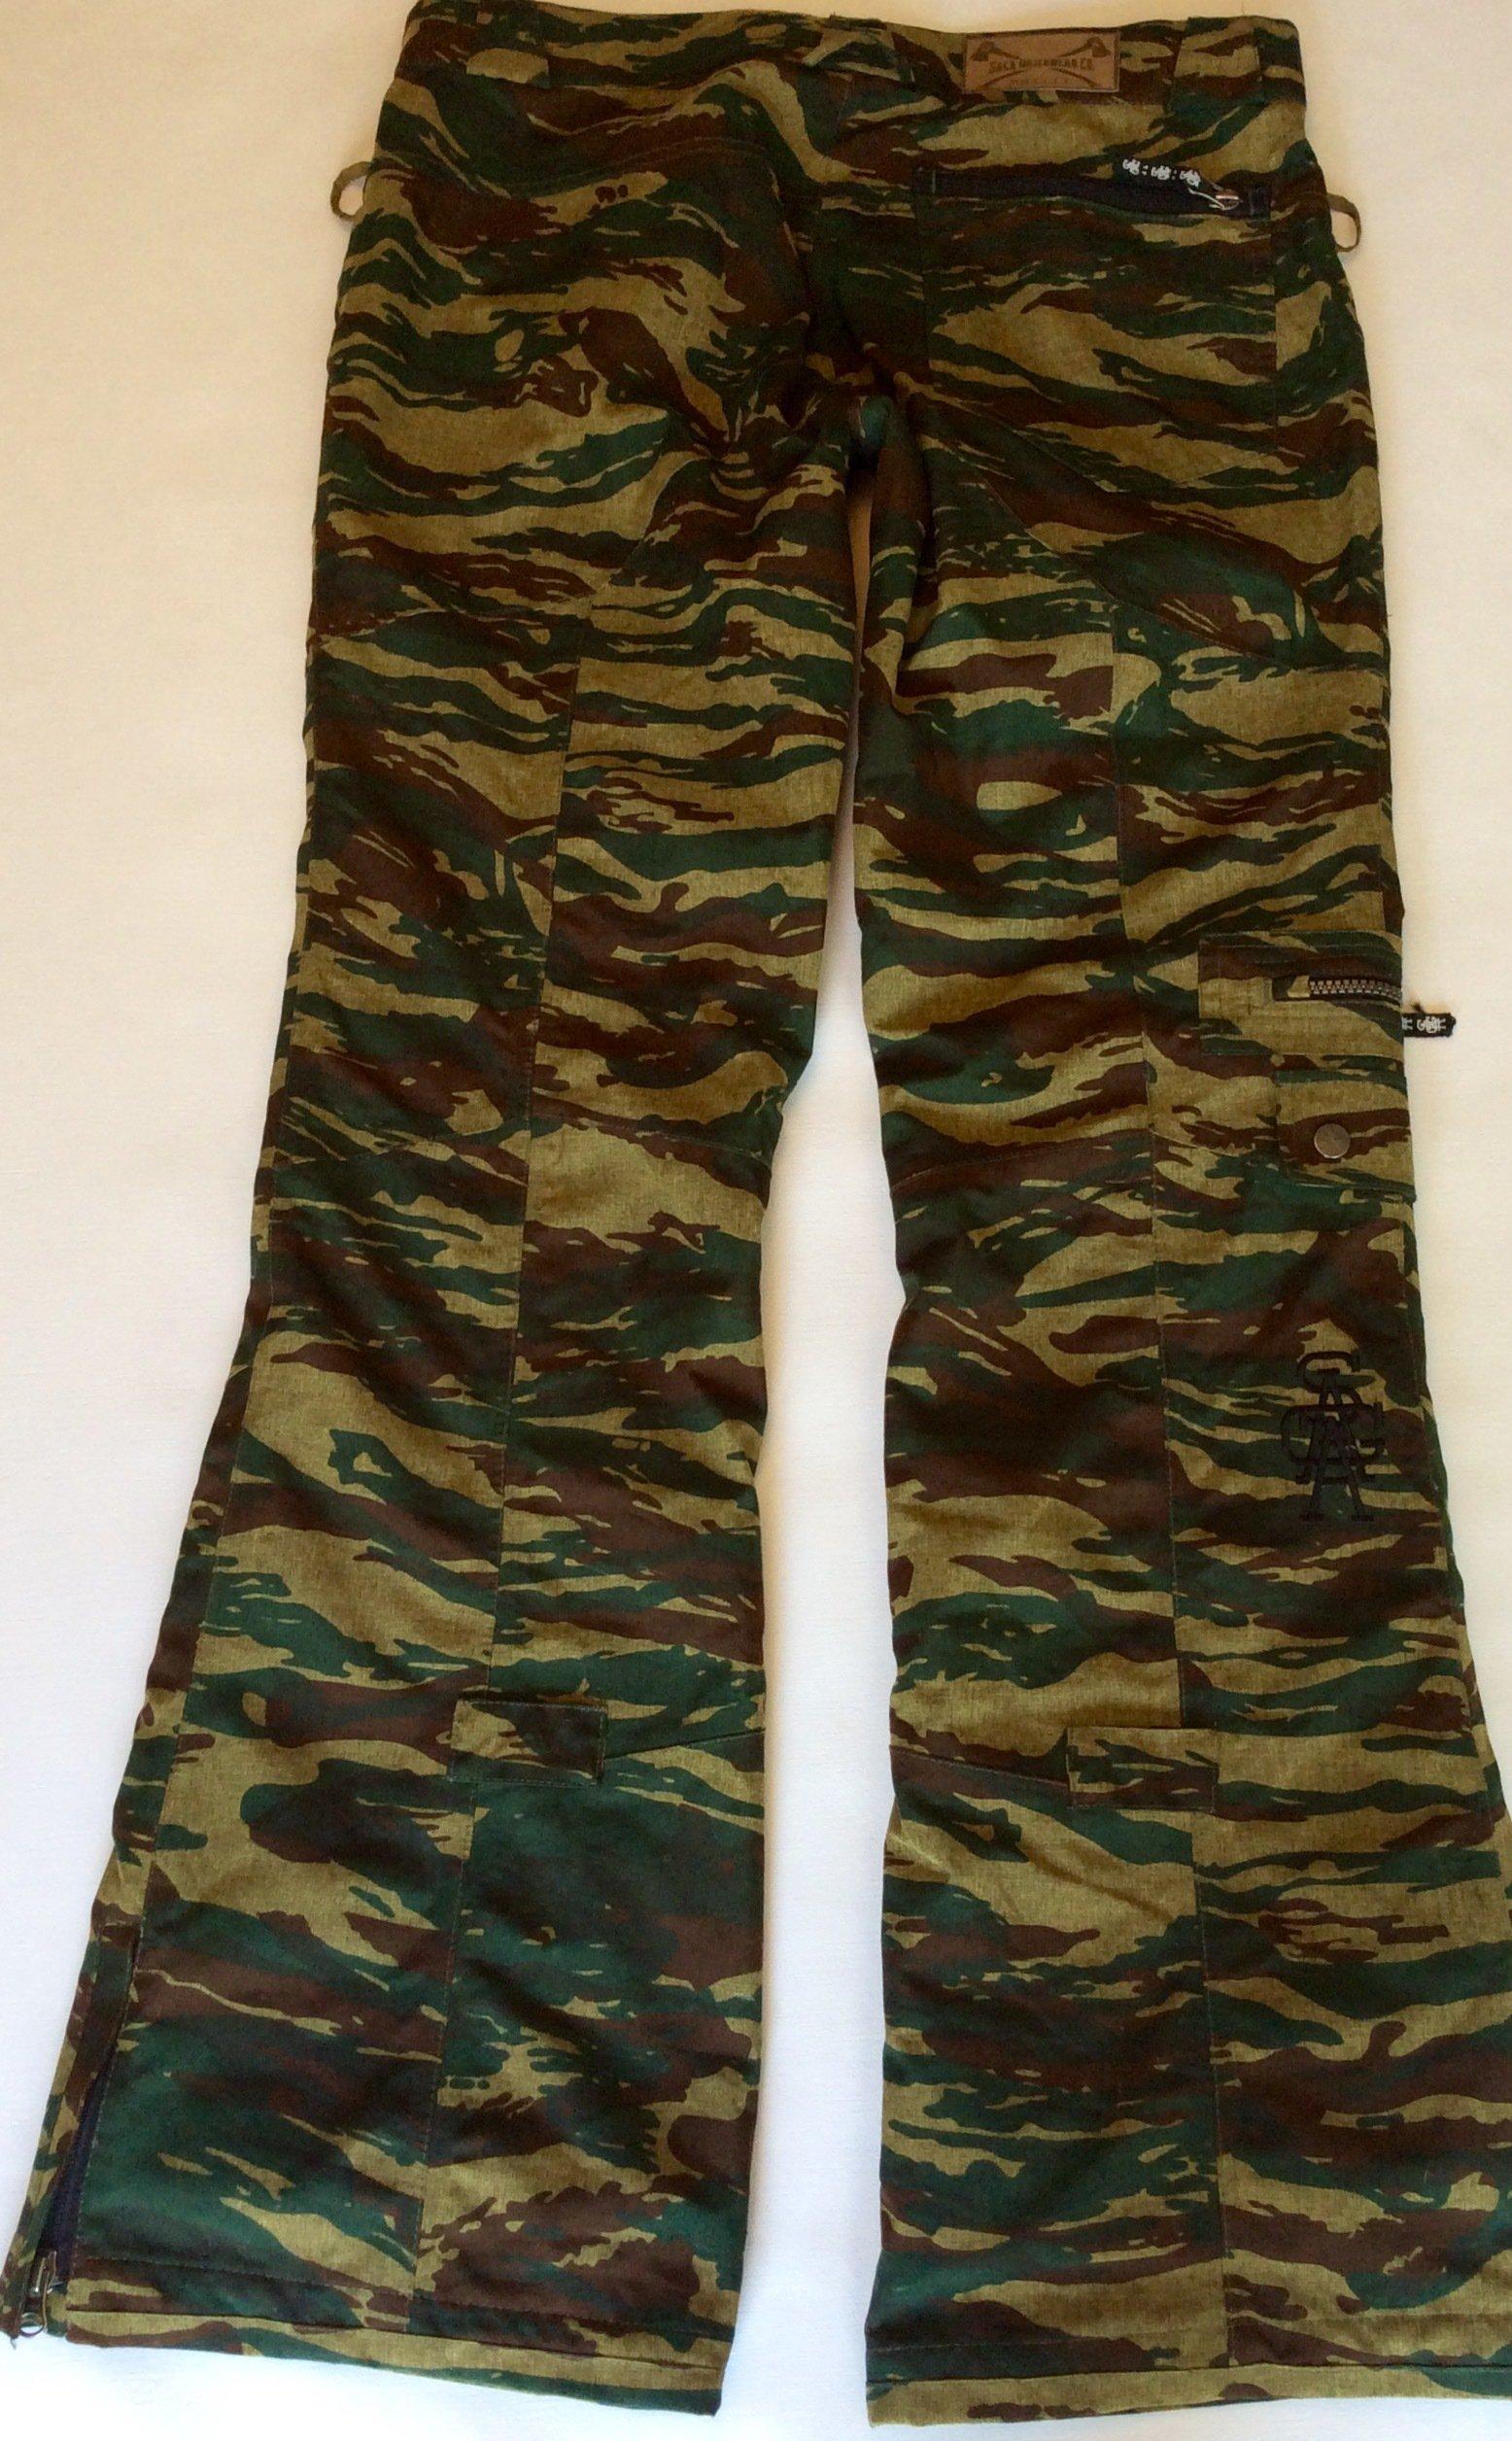 Saga outerwear fatigues